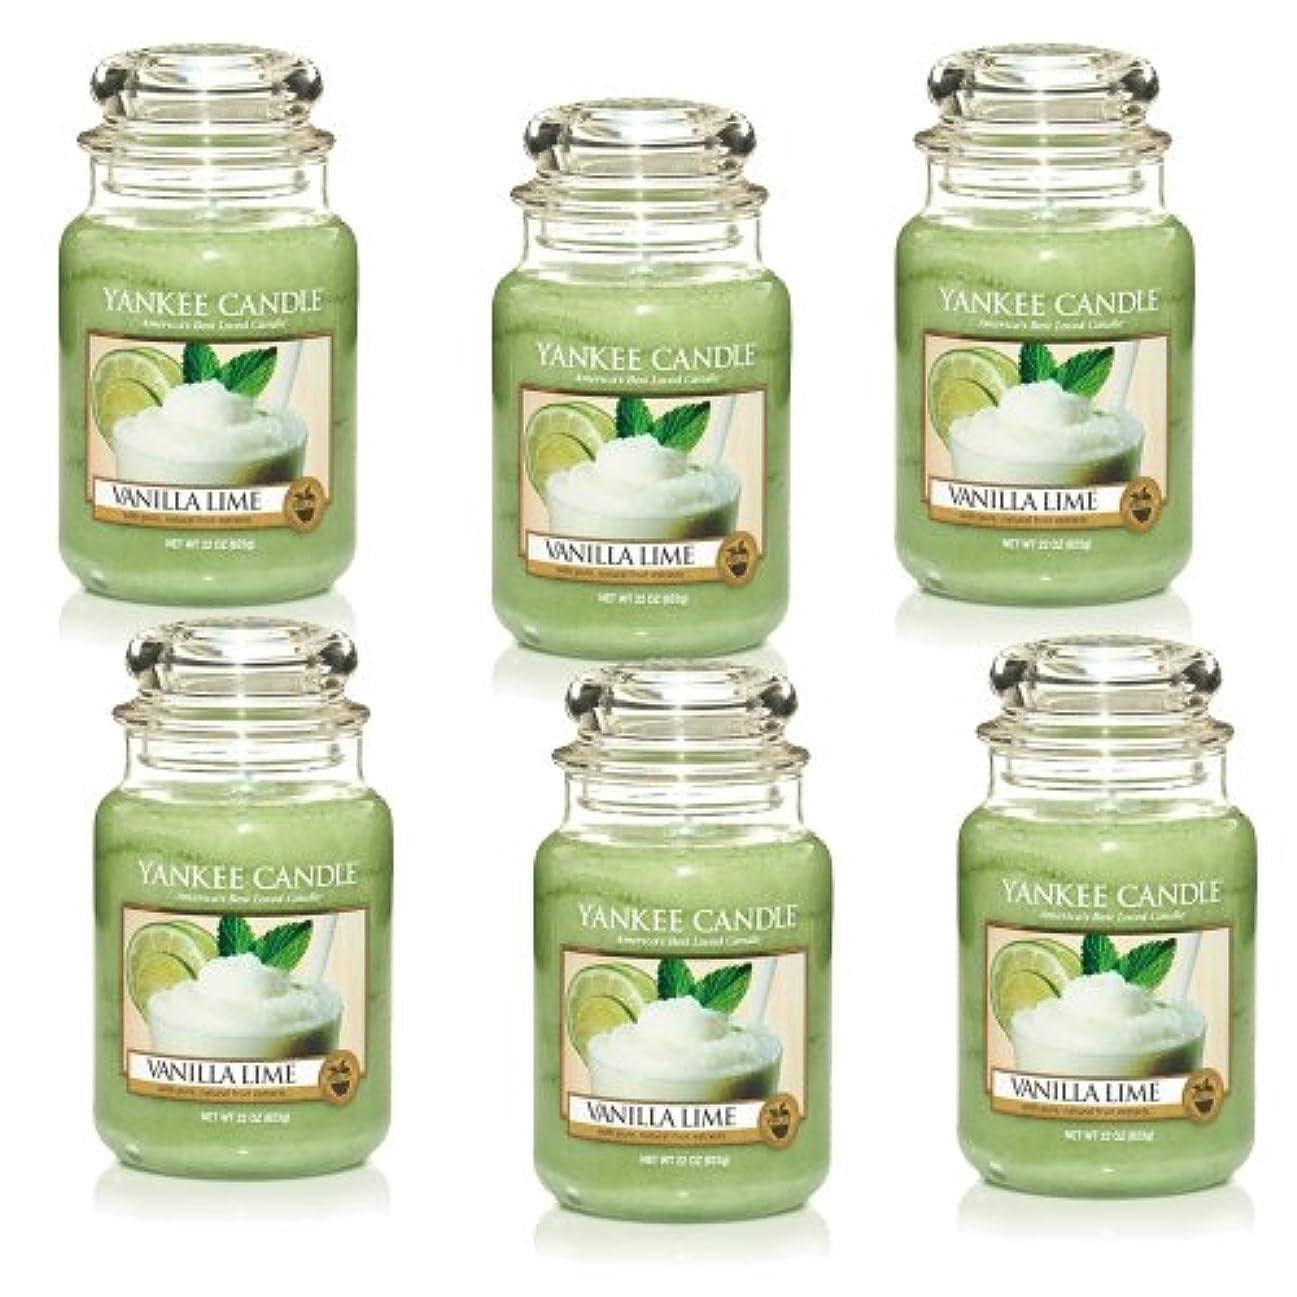 ポンペイ薬用知覚するYankee CandleバニラライムLarge Jar 22oz Candle Set of 6 1106730X6